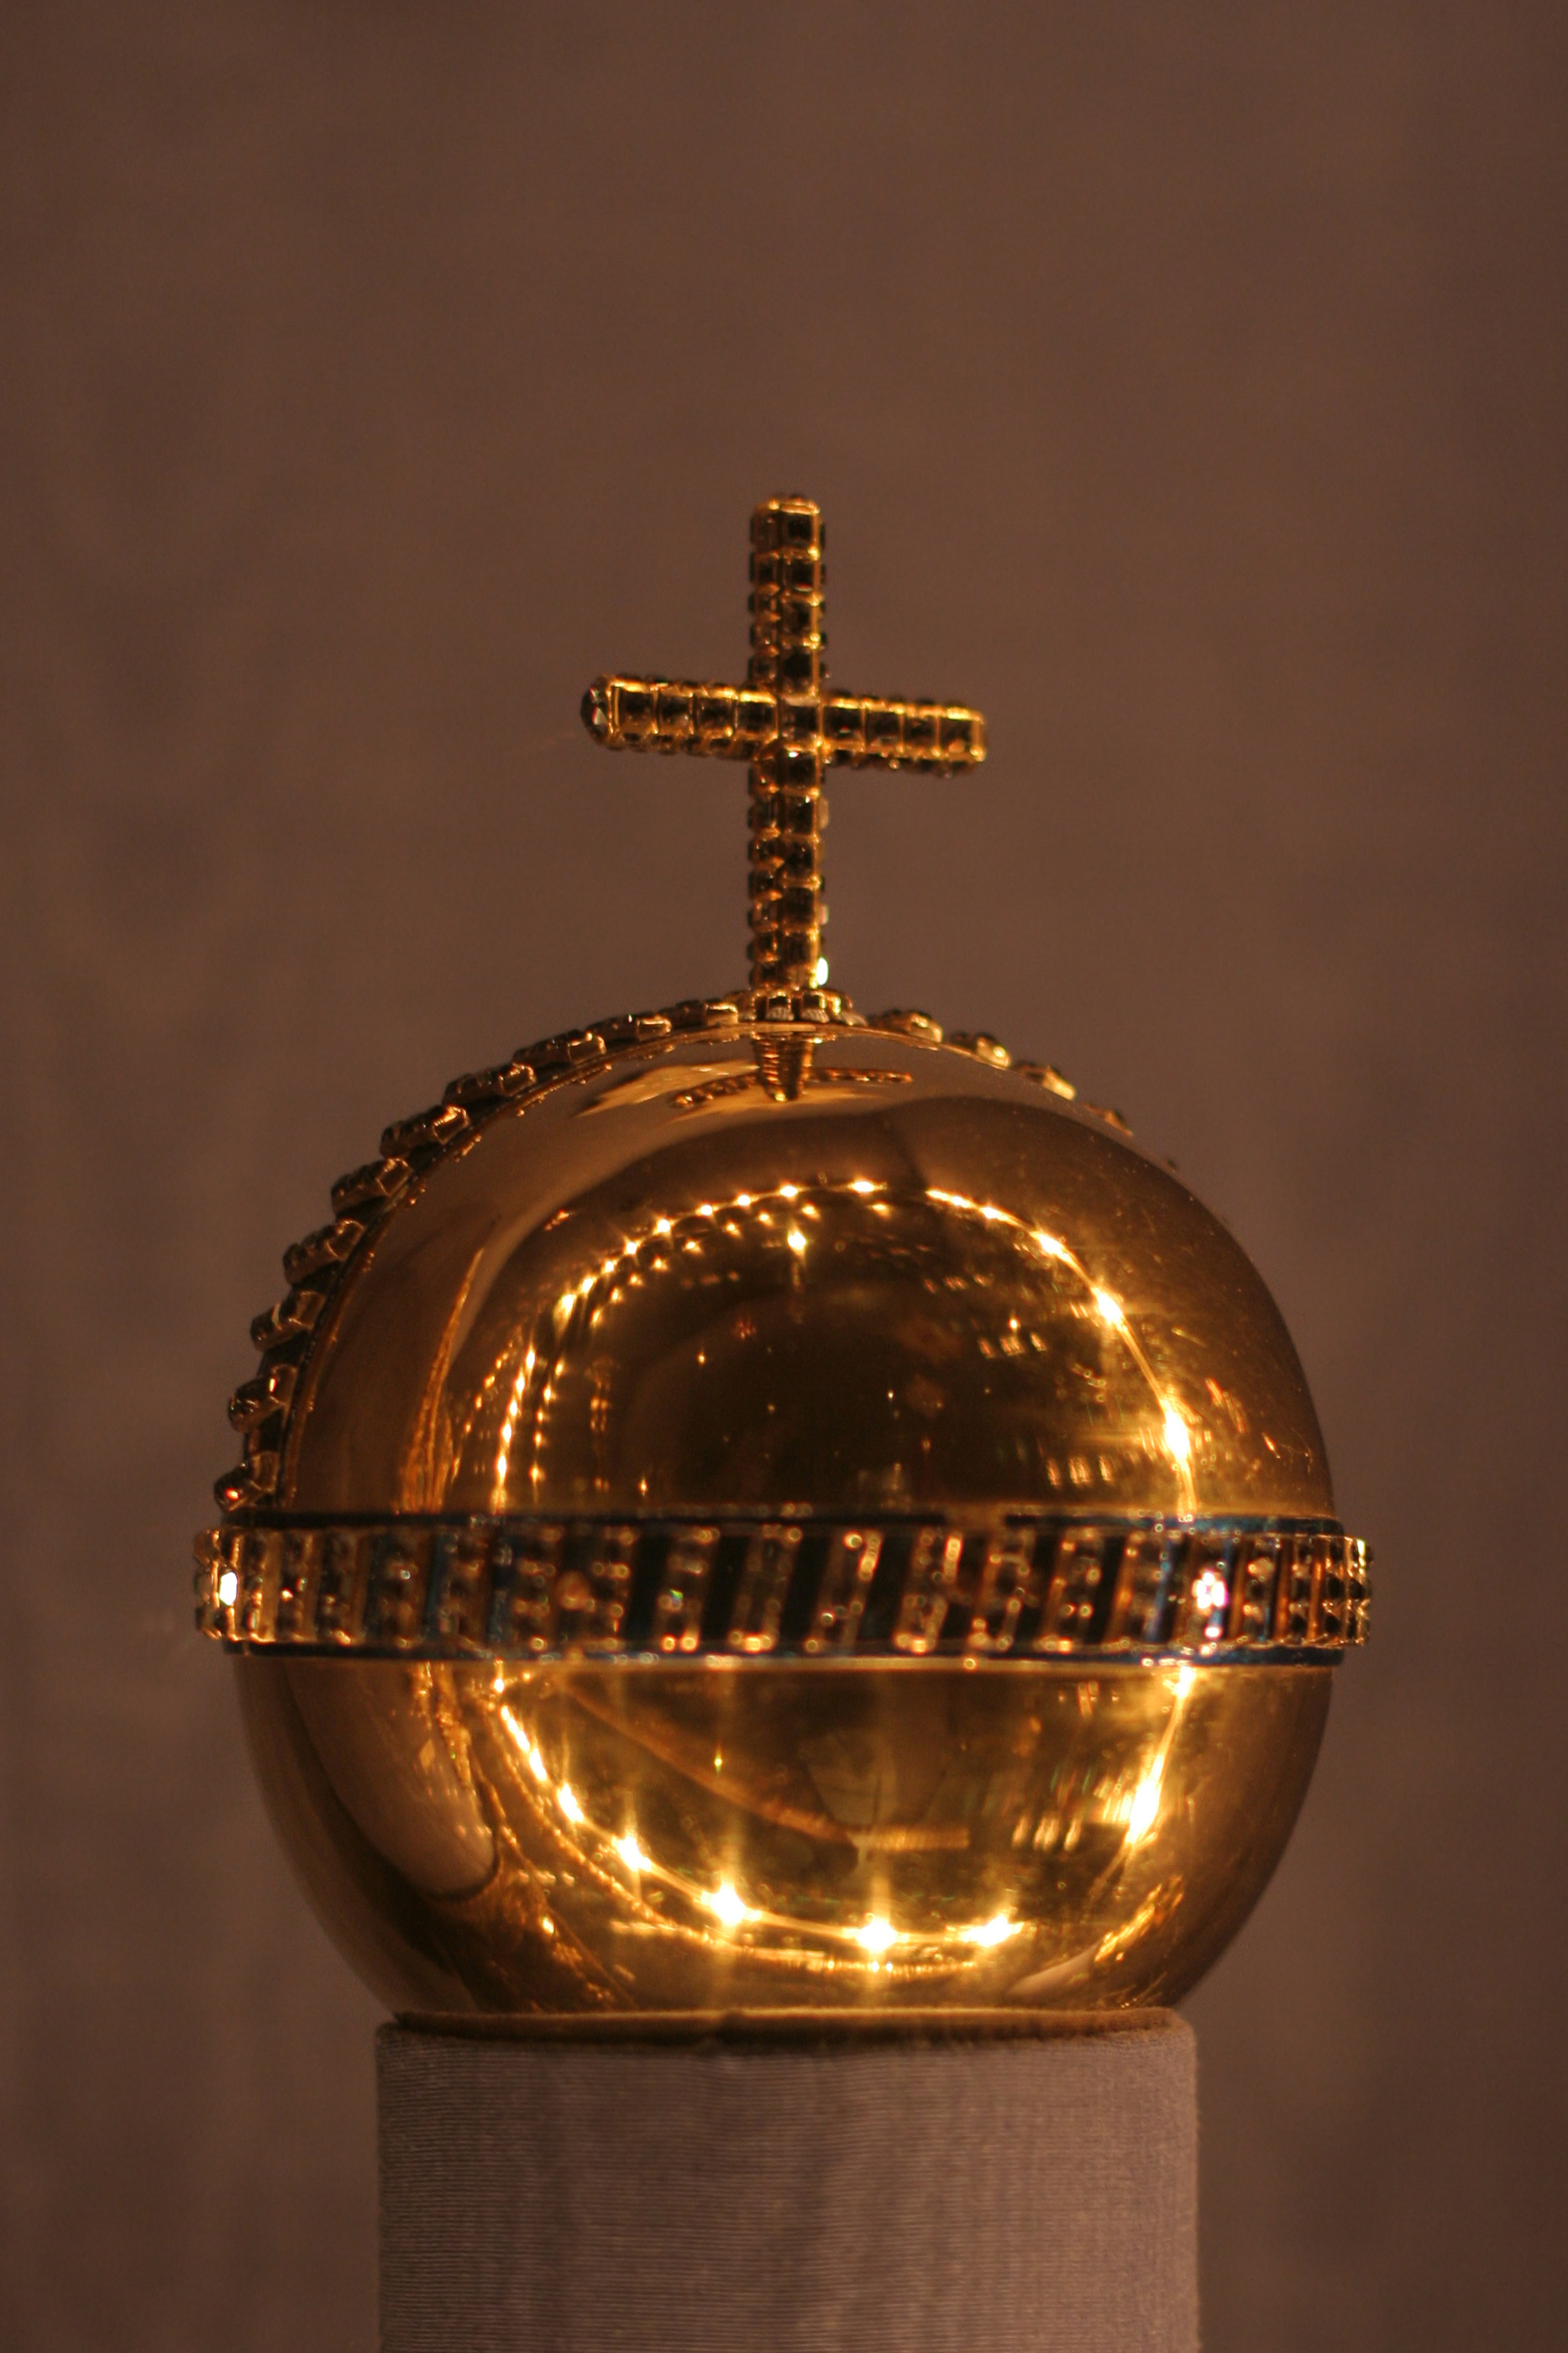 Orbe de las joyas de la Corona Danesa